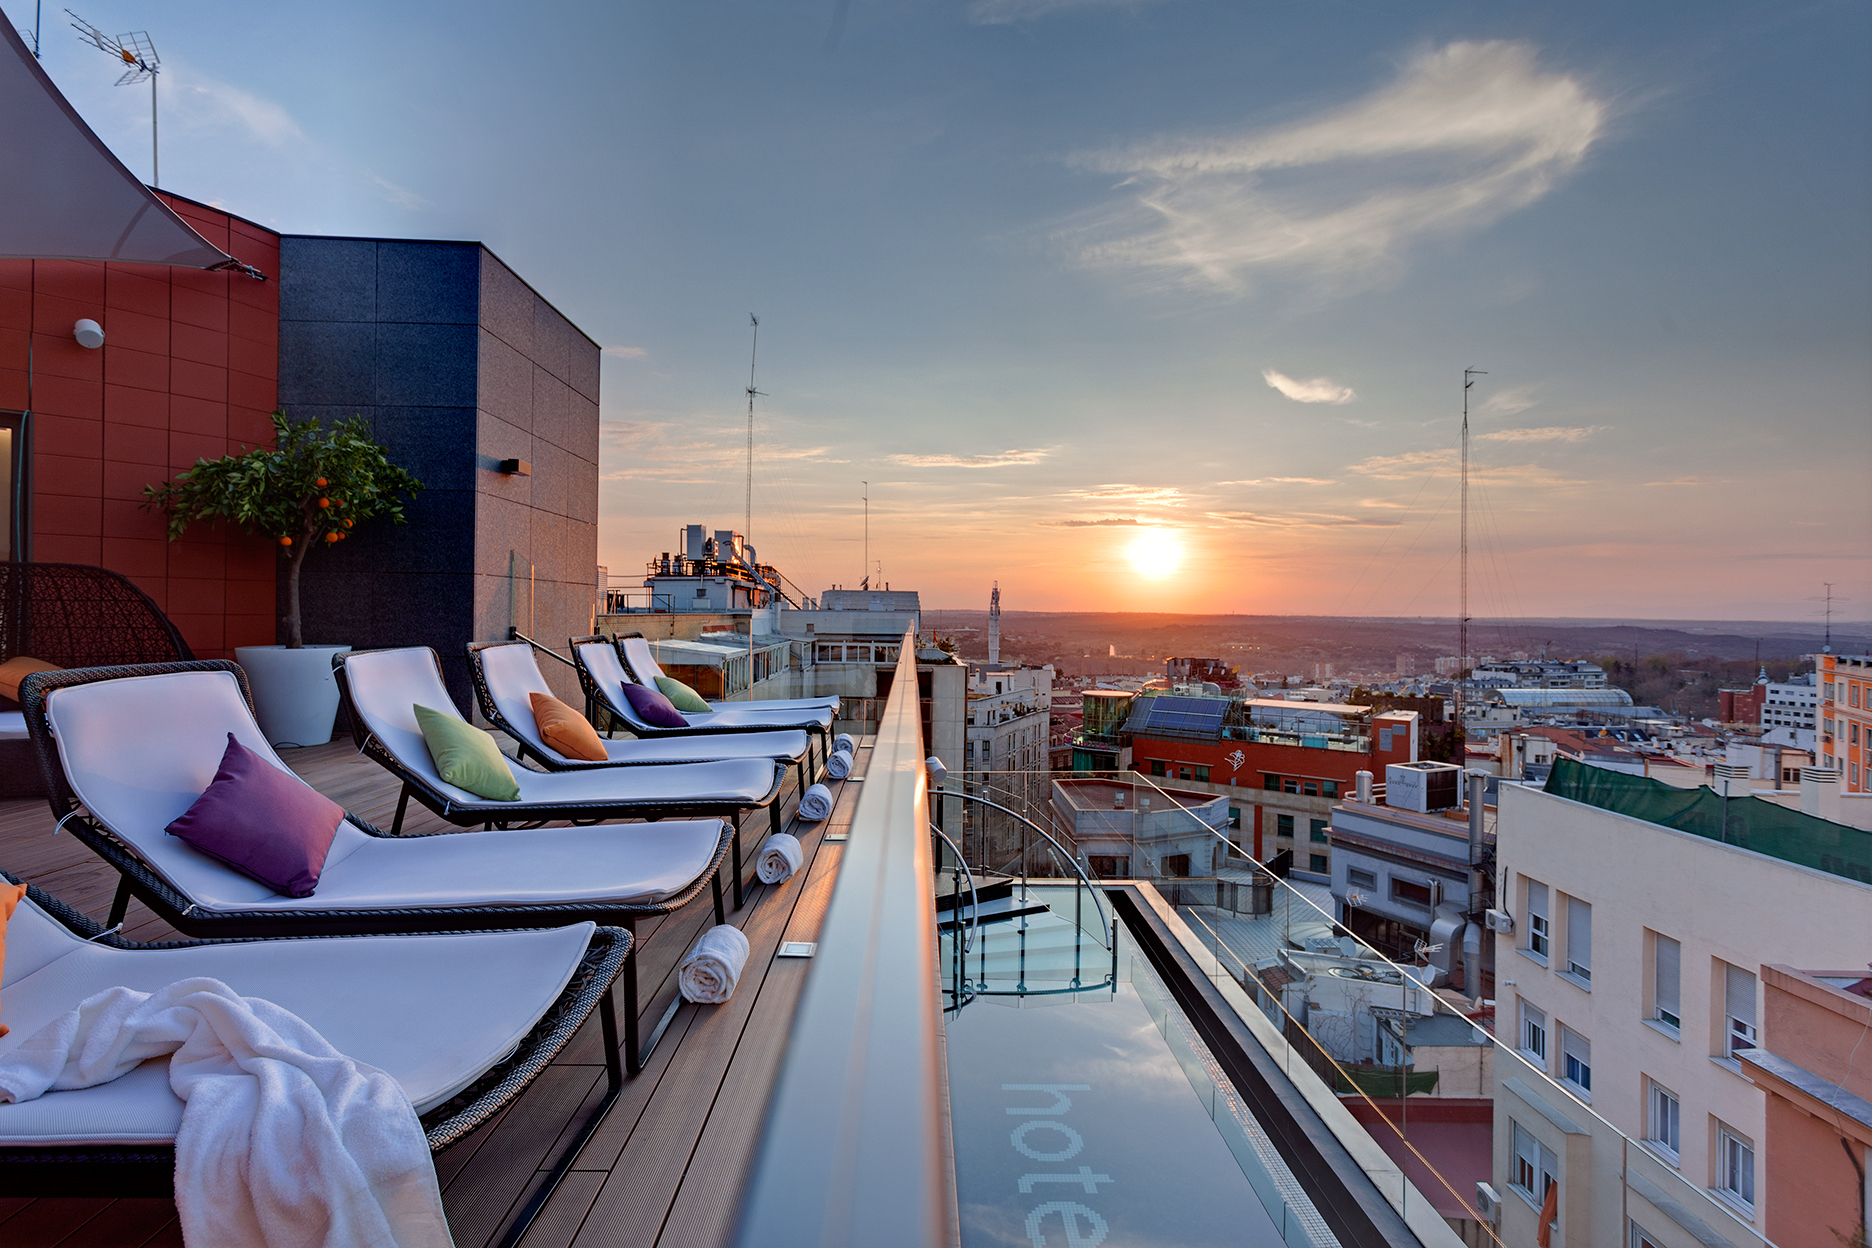 mejores terrazas Madrid - Skylounge del hotel Índigo